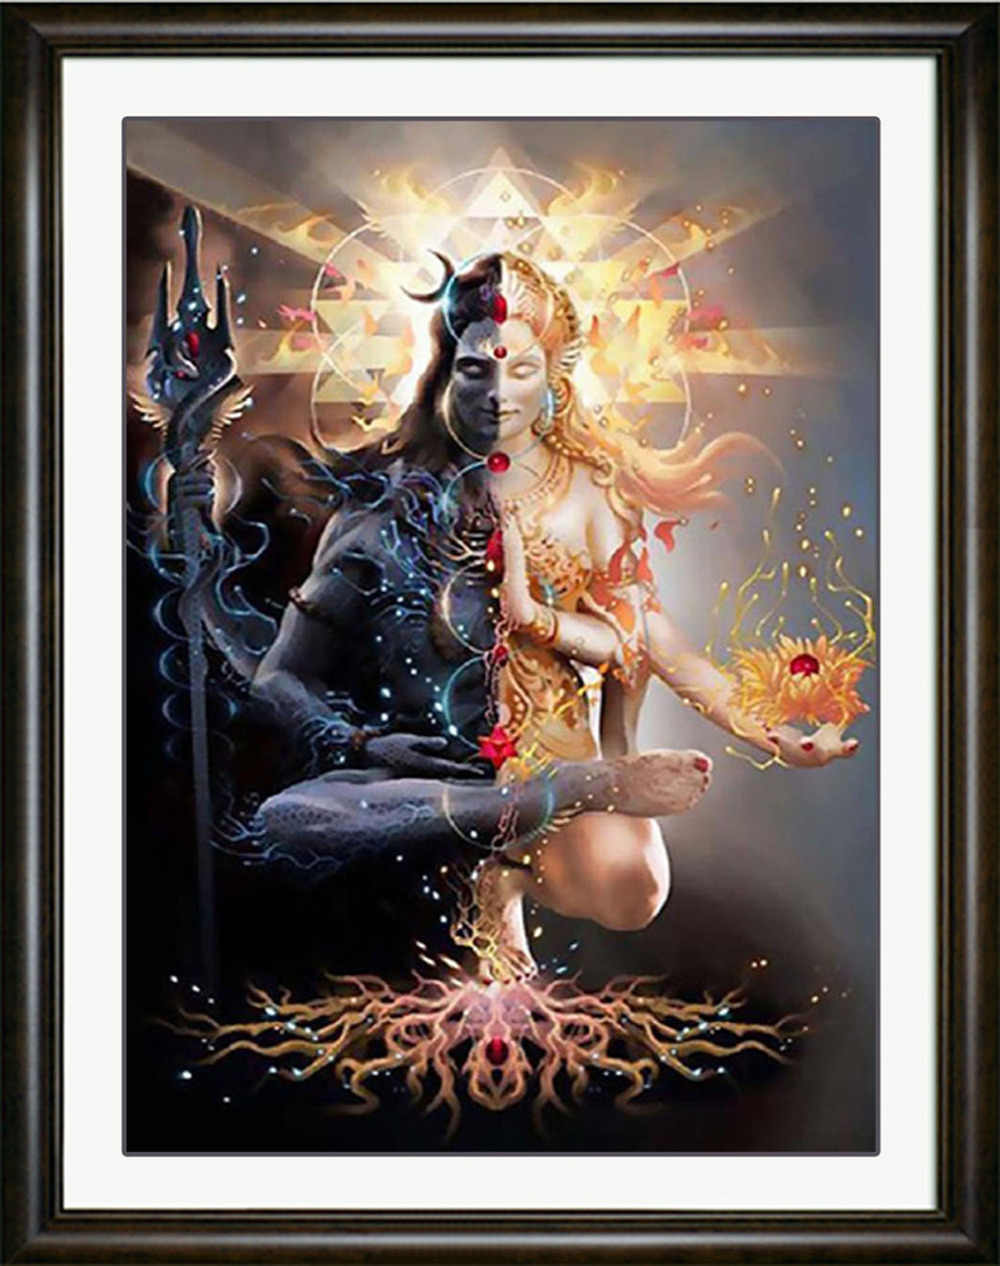 5D DIY Diamant Gemälde Volle Runde Bohrer Shiva Mosaik Kunst Kreuz Stich Stickerei Religion Muster Wand Aufkleber Dekoration Hause